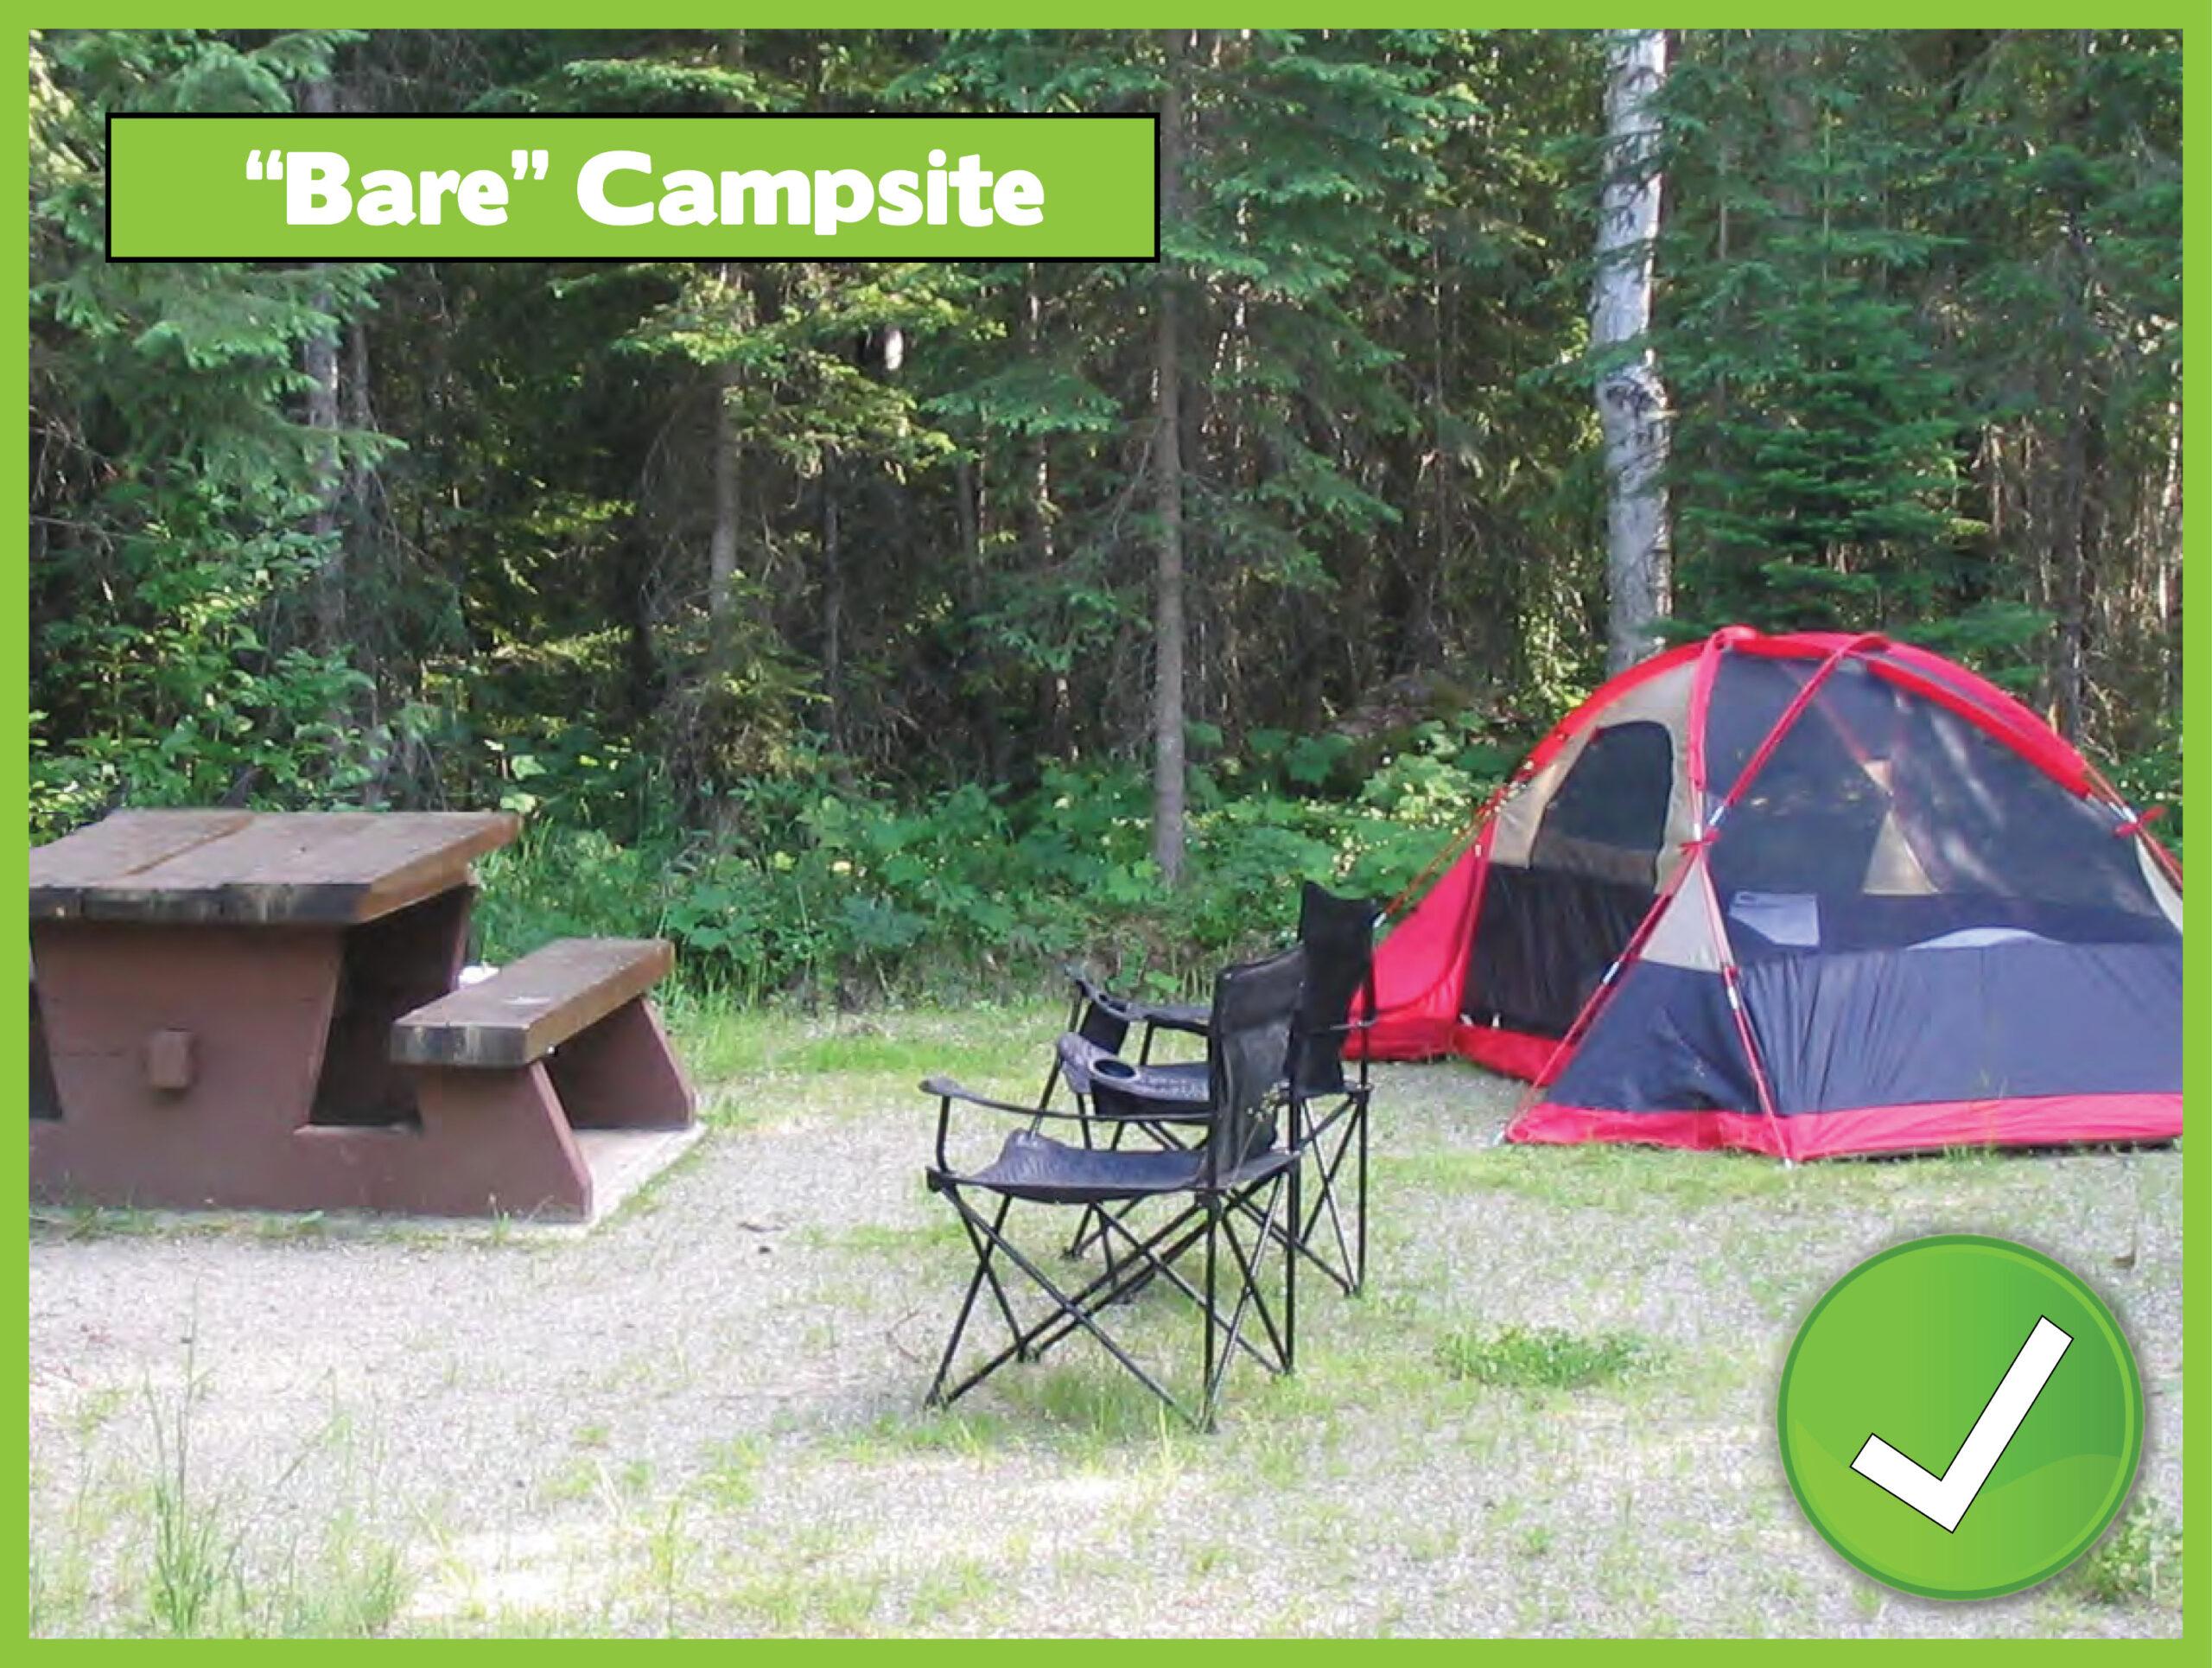 Bare Campsite with check mark